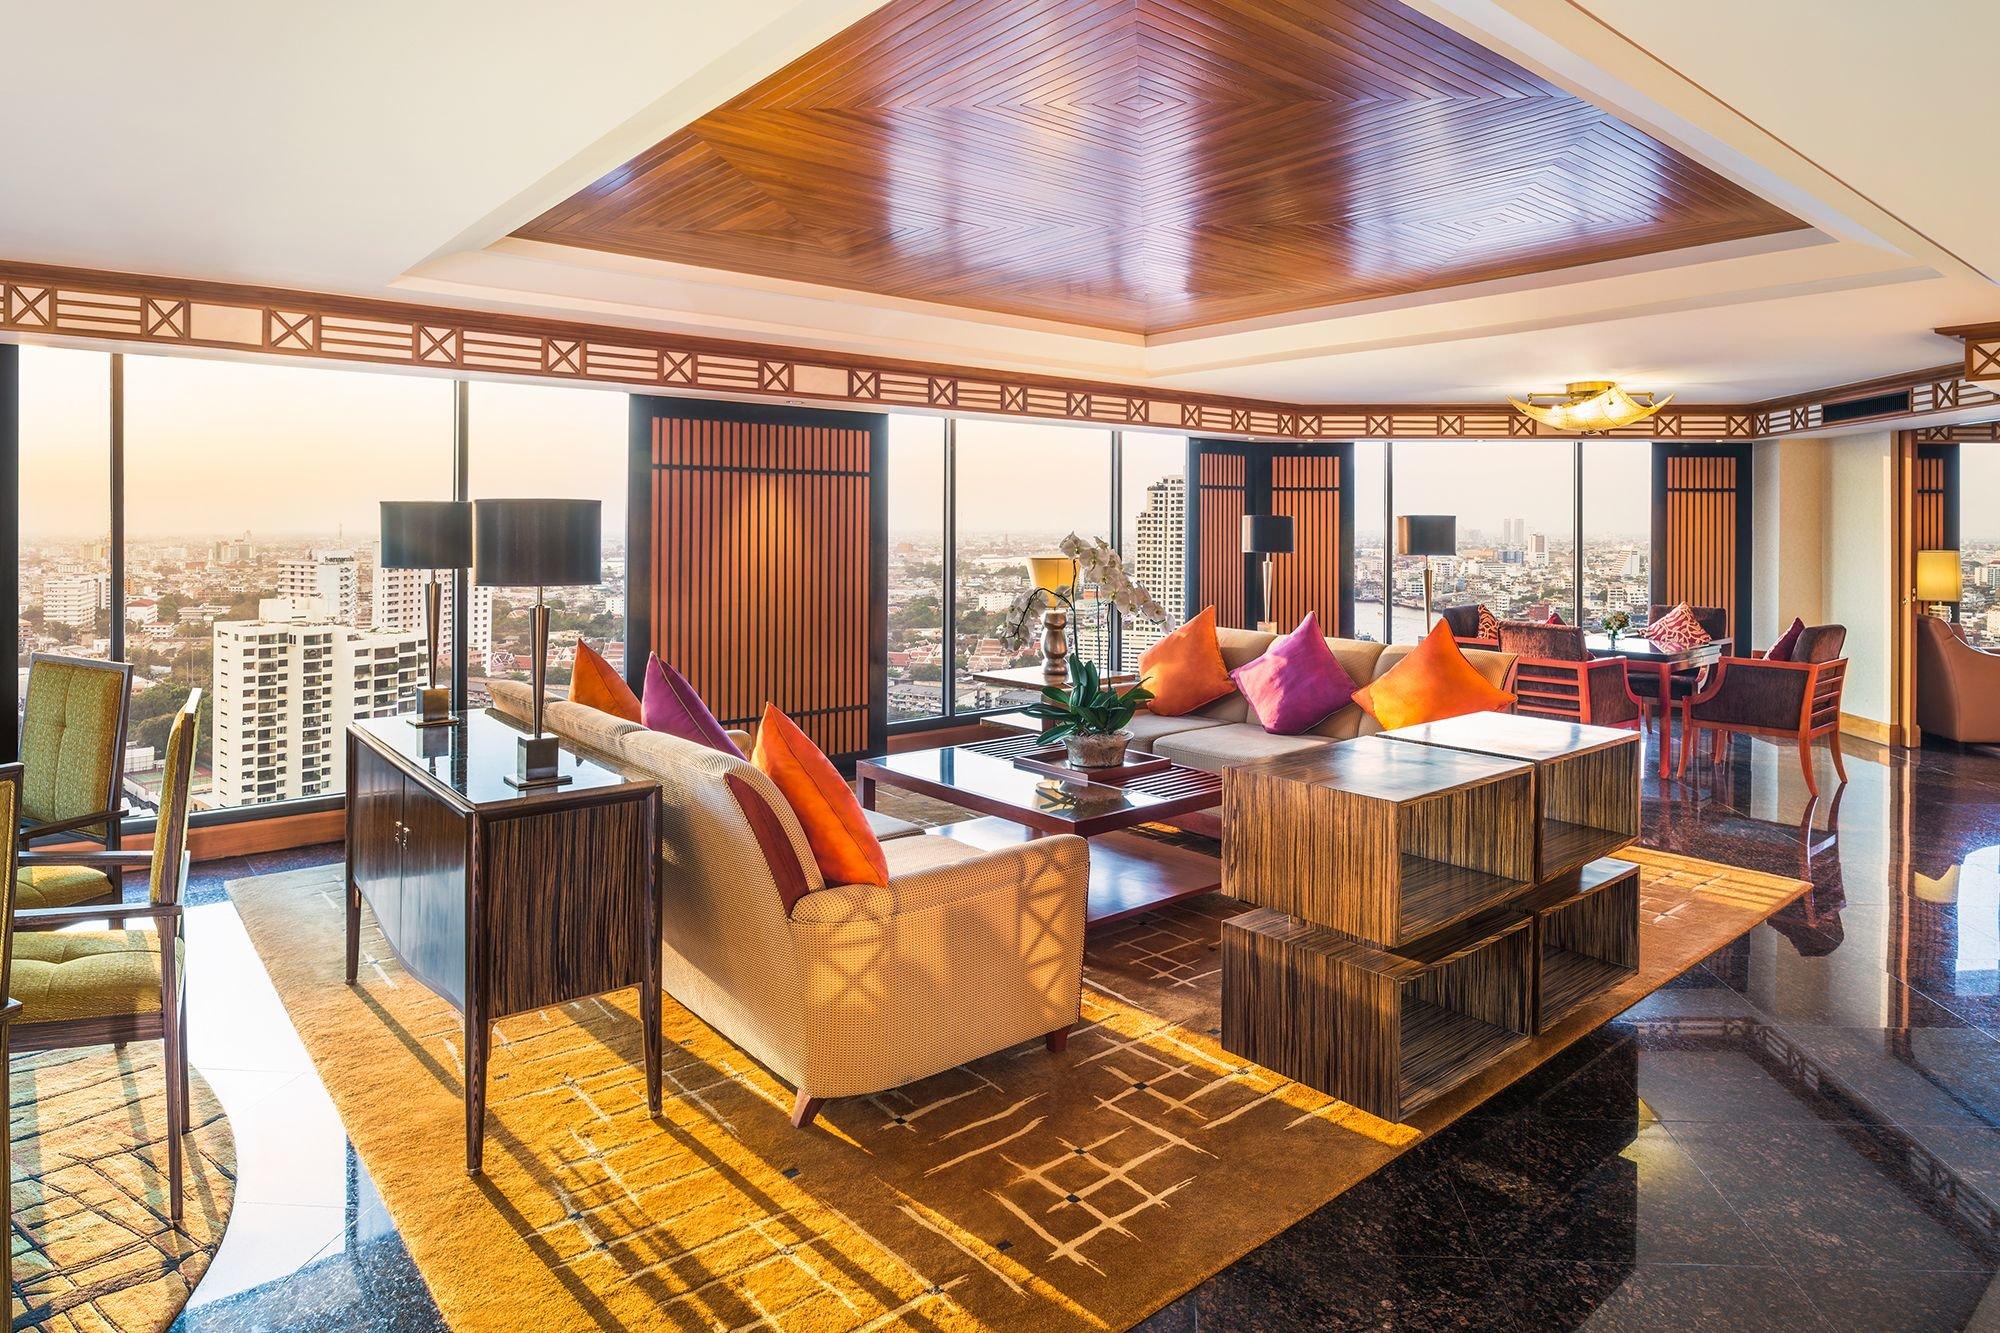 皇家兰花喜来登大酒店 Royal Orchid Sheraton Hotel Towers 曼谷酒店 曼谷河畔酒店 曼谷5星酒店